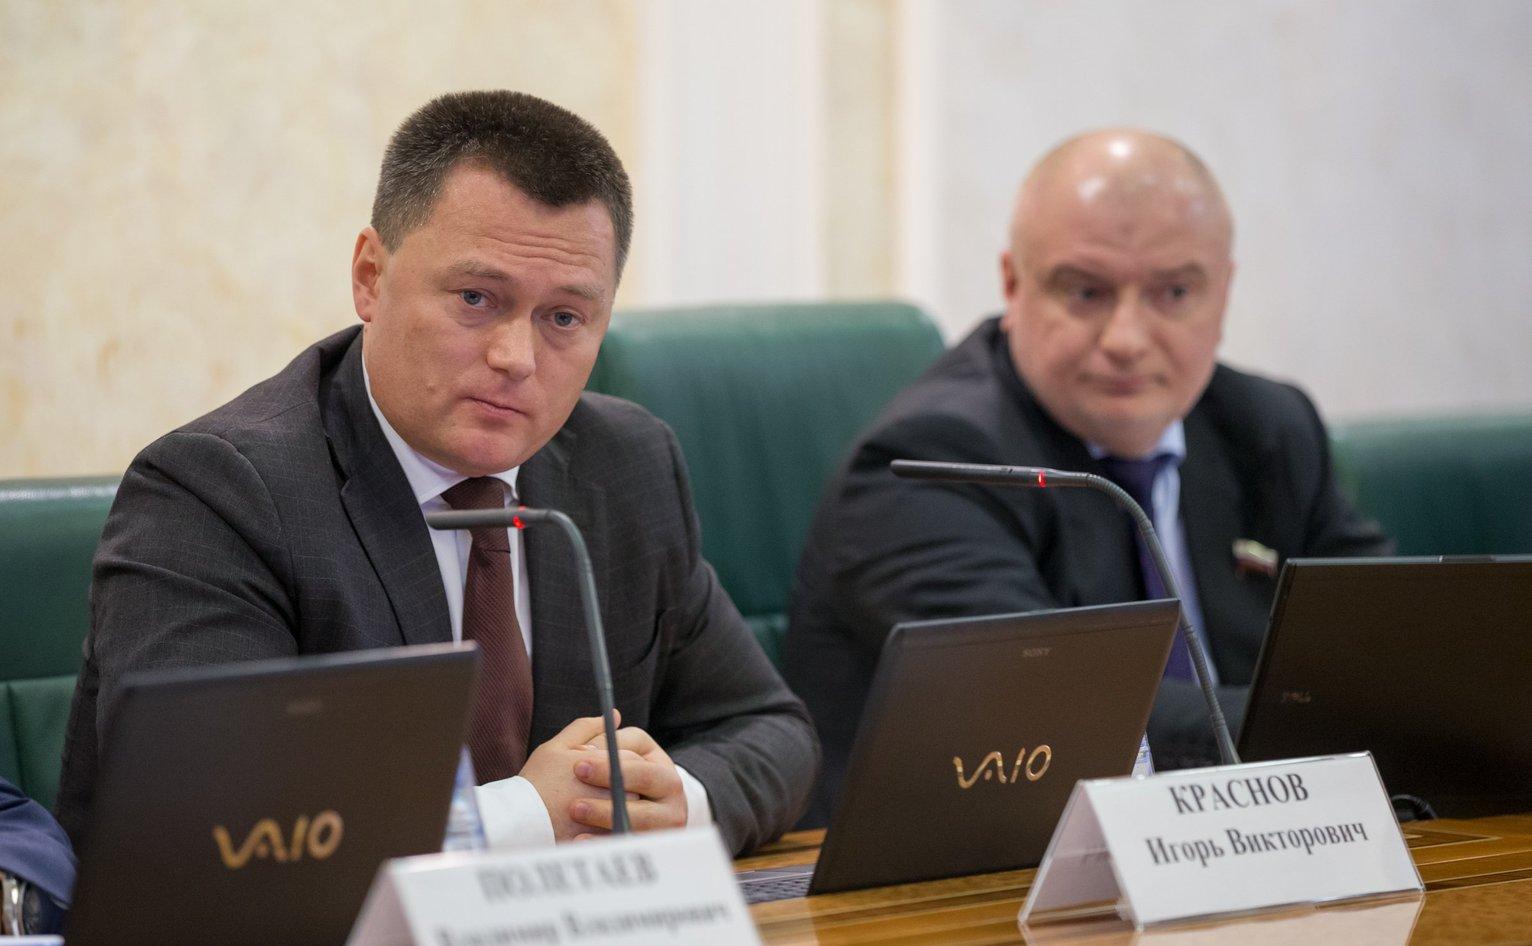 Генпрокурор РФ призвал страны СНГ вместе бороться с криминальным использованием криптовалют